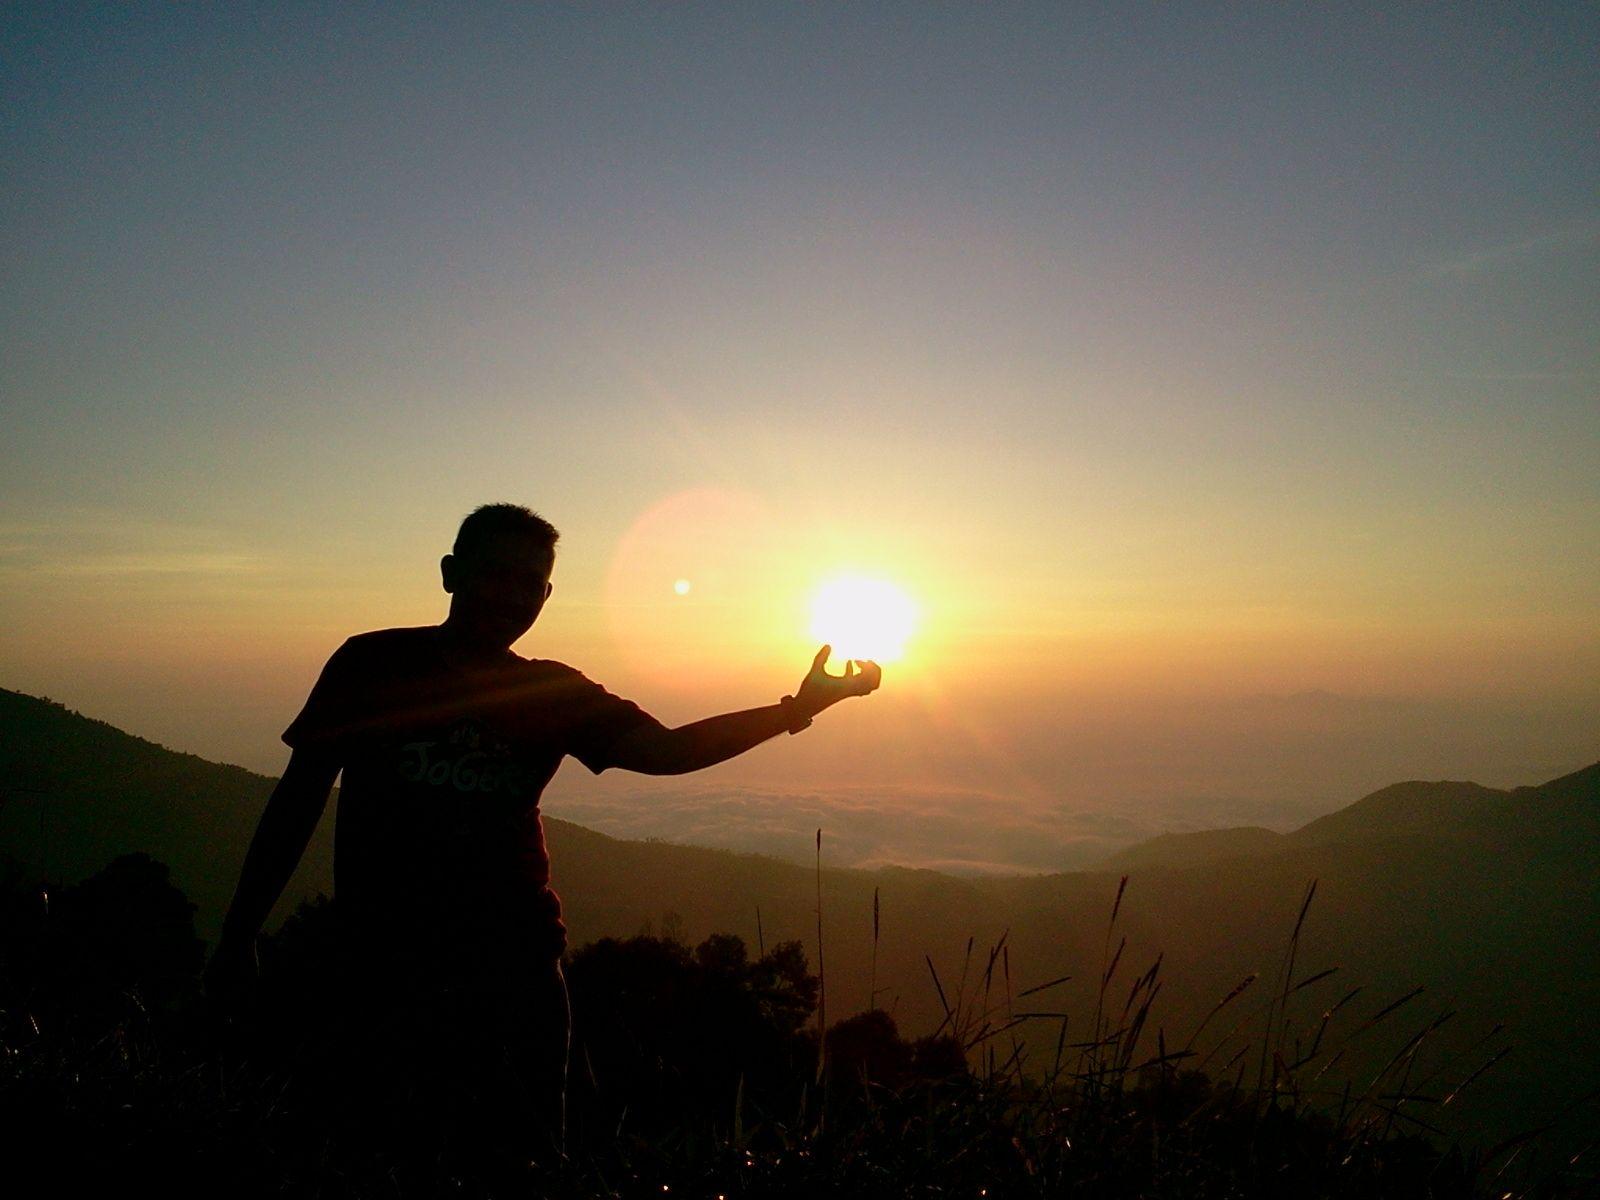 Dataran Tinggi Dieng Tidak Hanya Menyuguhkan Kemegahan Dan Keindahan Candi Saja Tetapi Anda Bisa Juga Menikmati Sunrise Terbai Alam Tuhan Dan Pegunungan